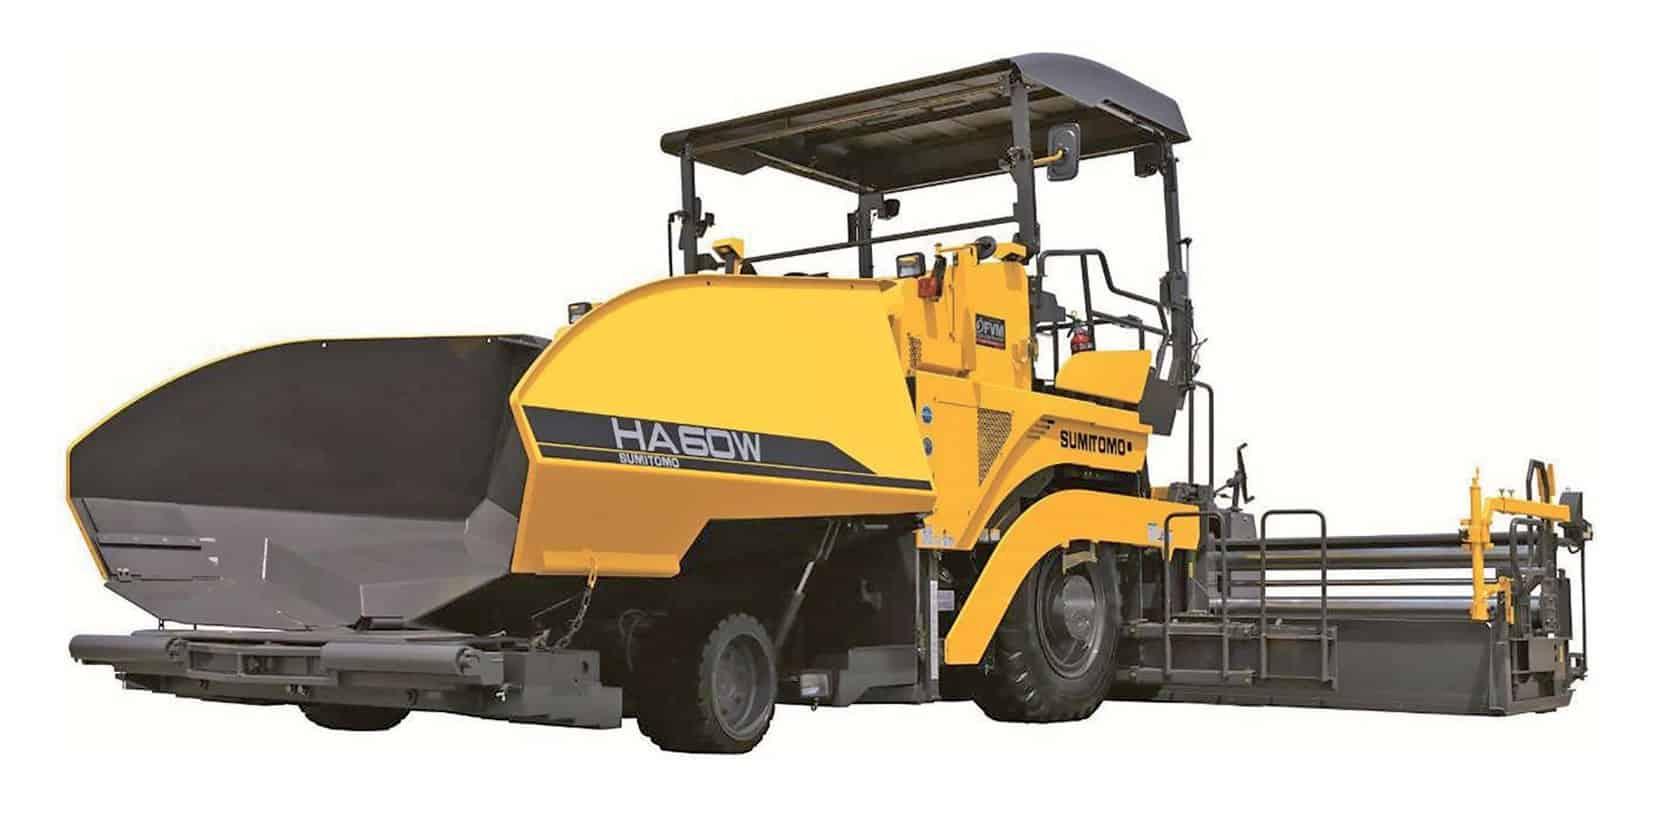 La Sumitomo HA60W-8B adotta la soluzione inusuale del singolo asse anteriore. Una scelta progettuale specifica che si rivela efficace ed è supportata da un attento studio sull'effettivo impiego delle finitrici